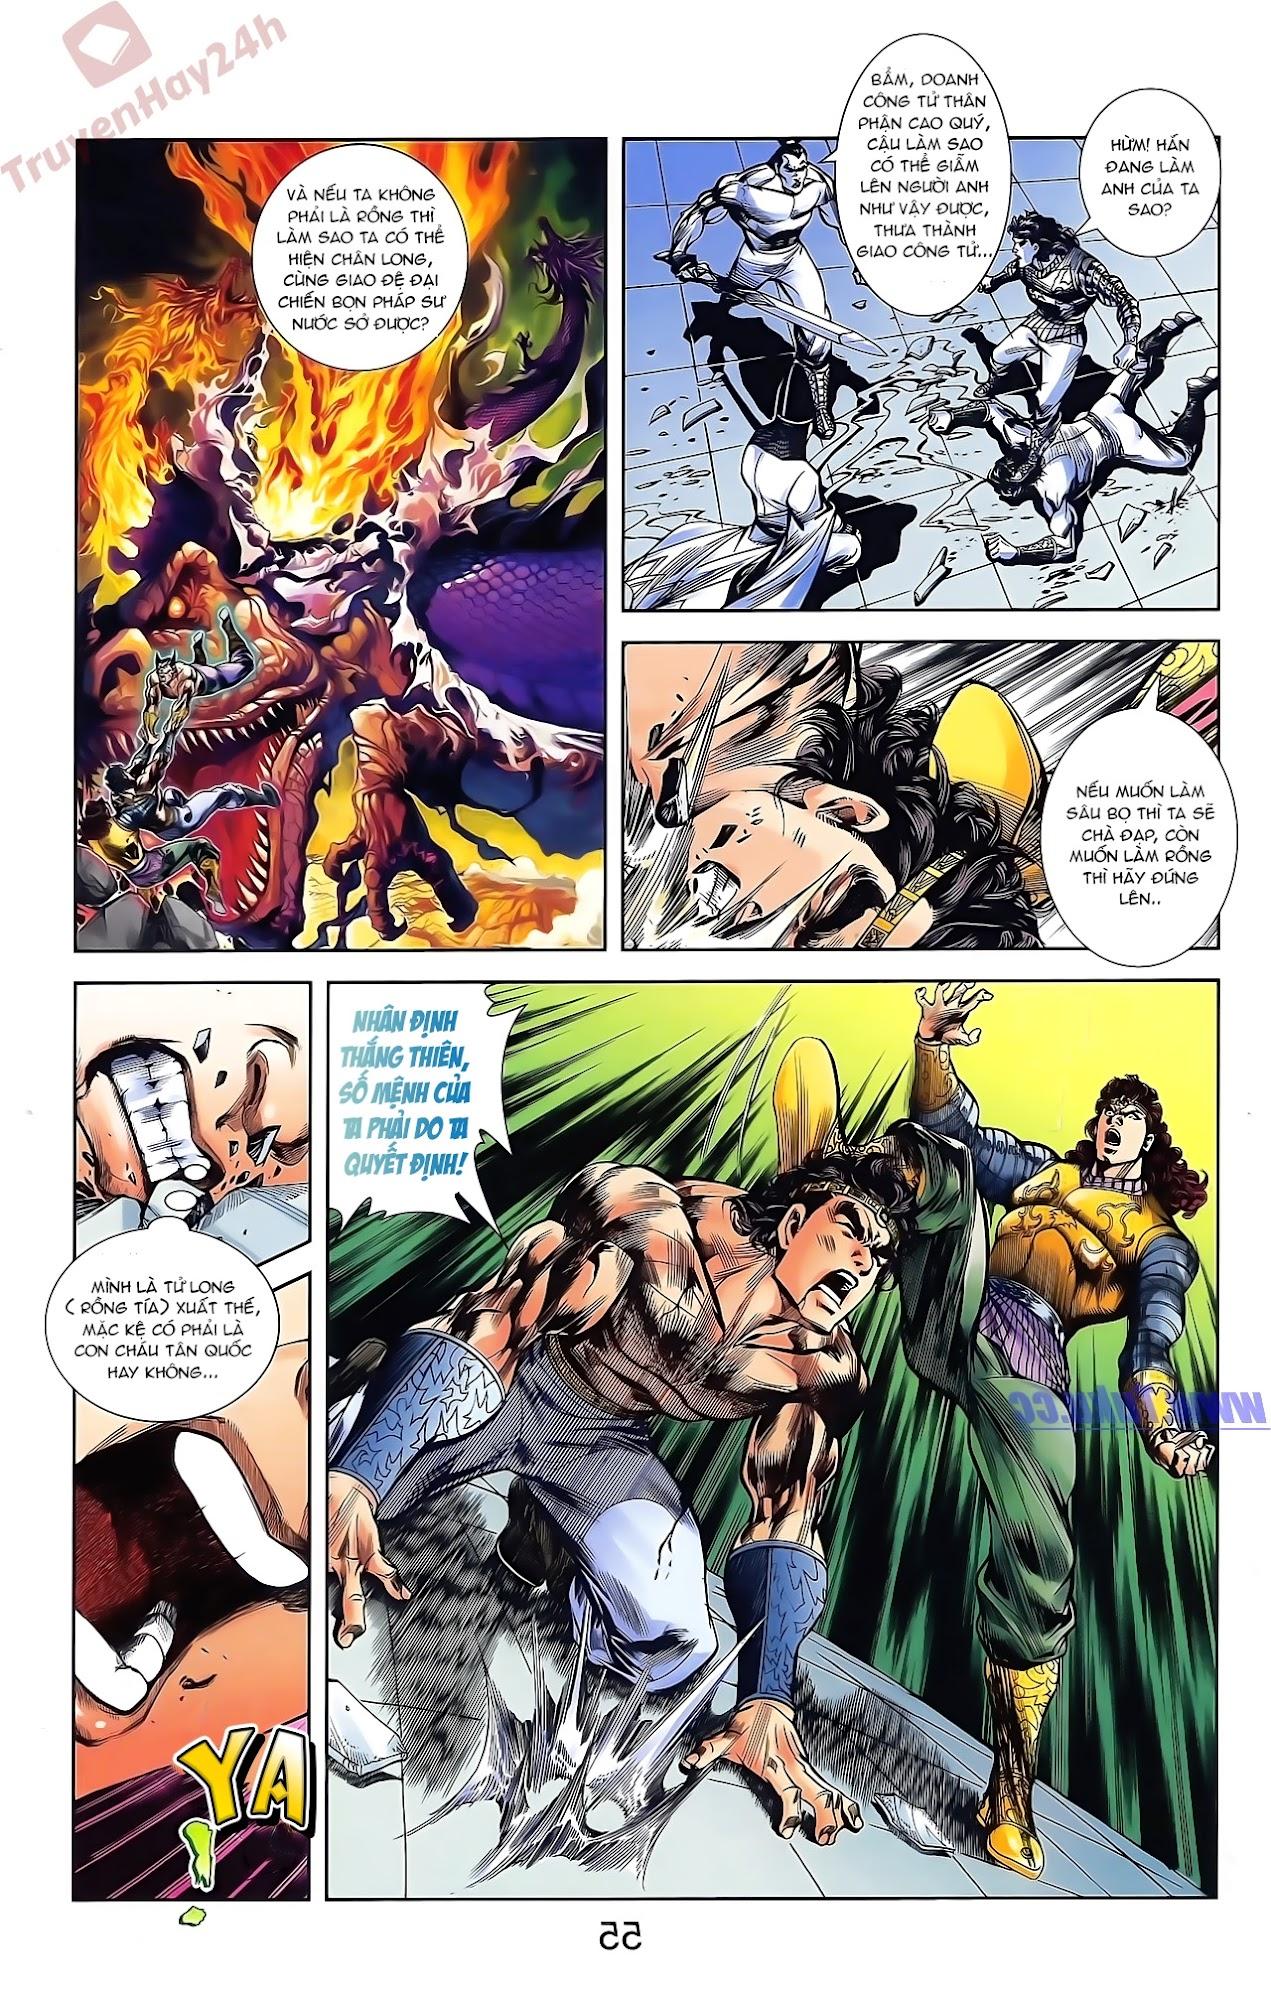 Tần Vương Doanh Chính chapter 44 trang 7